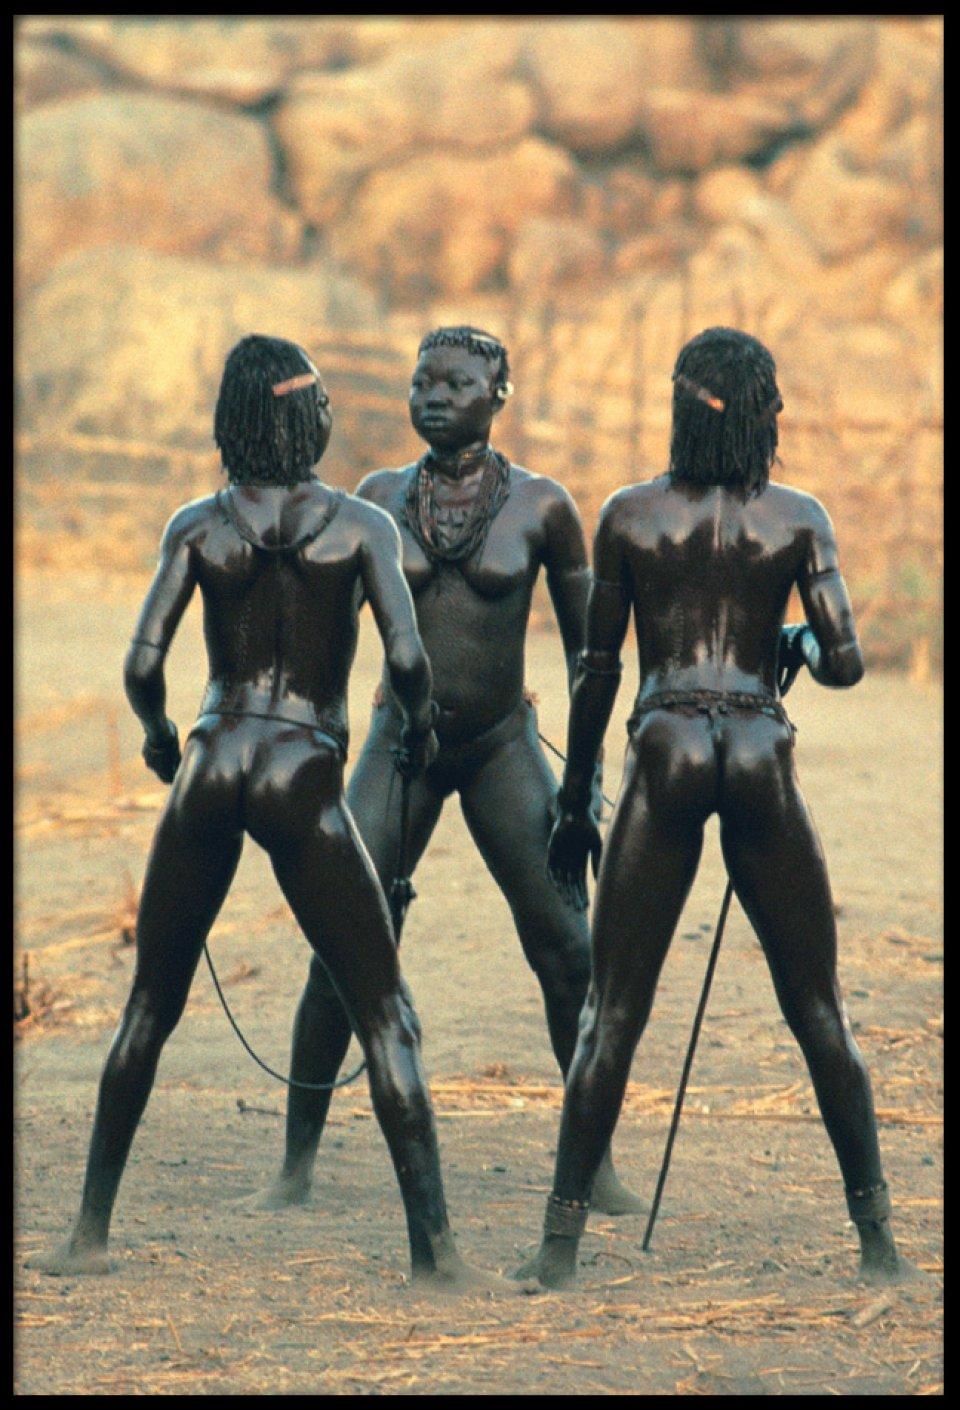 Смотреть бесплатно порно экспедиция в африку 11 фотография